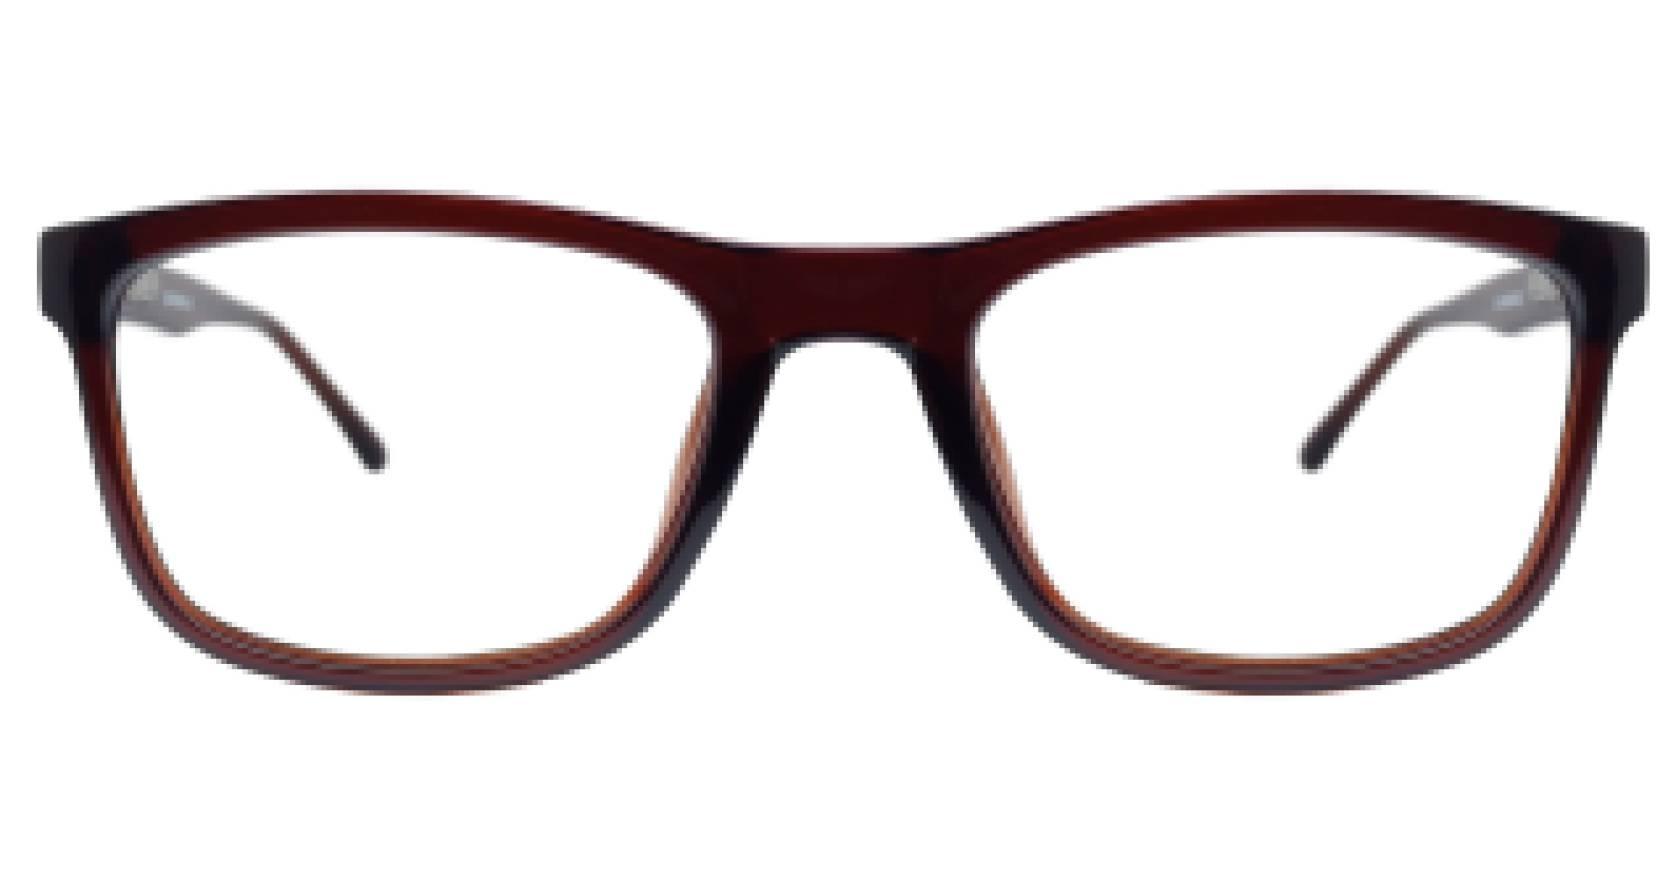 imagen miniatura frontal de la referencia 100526